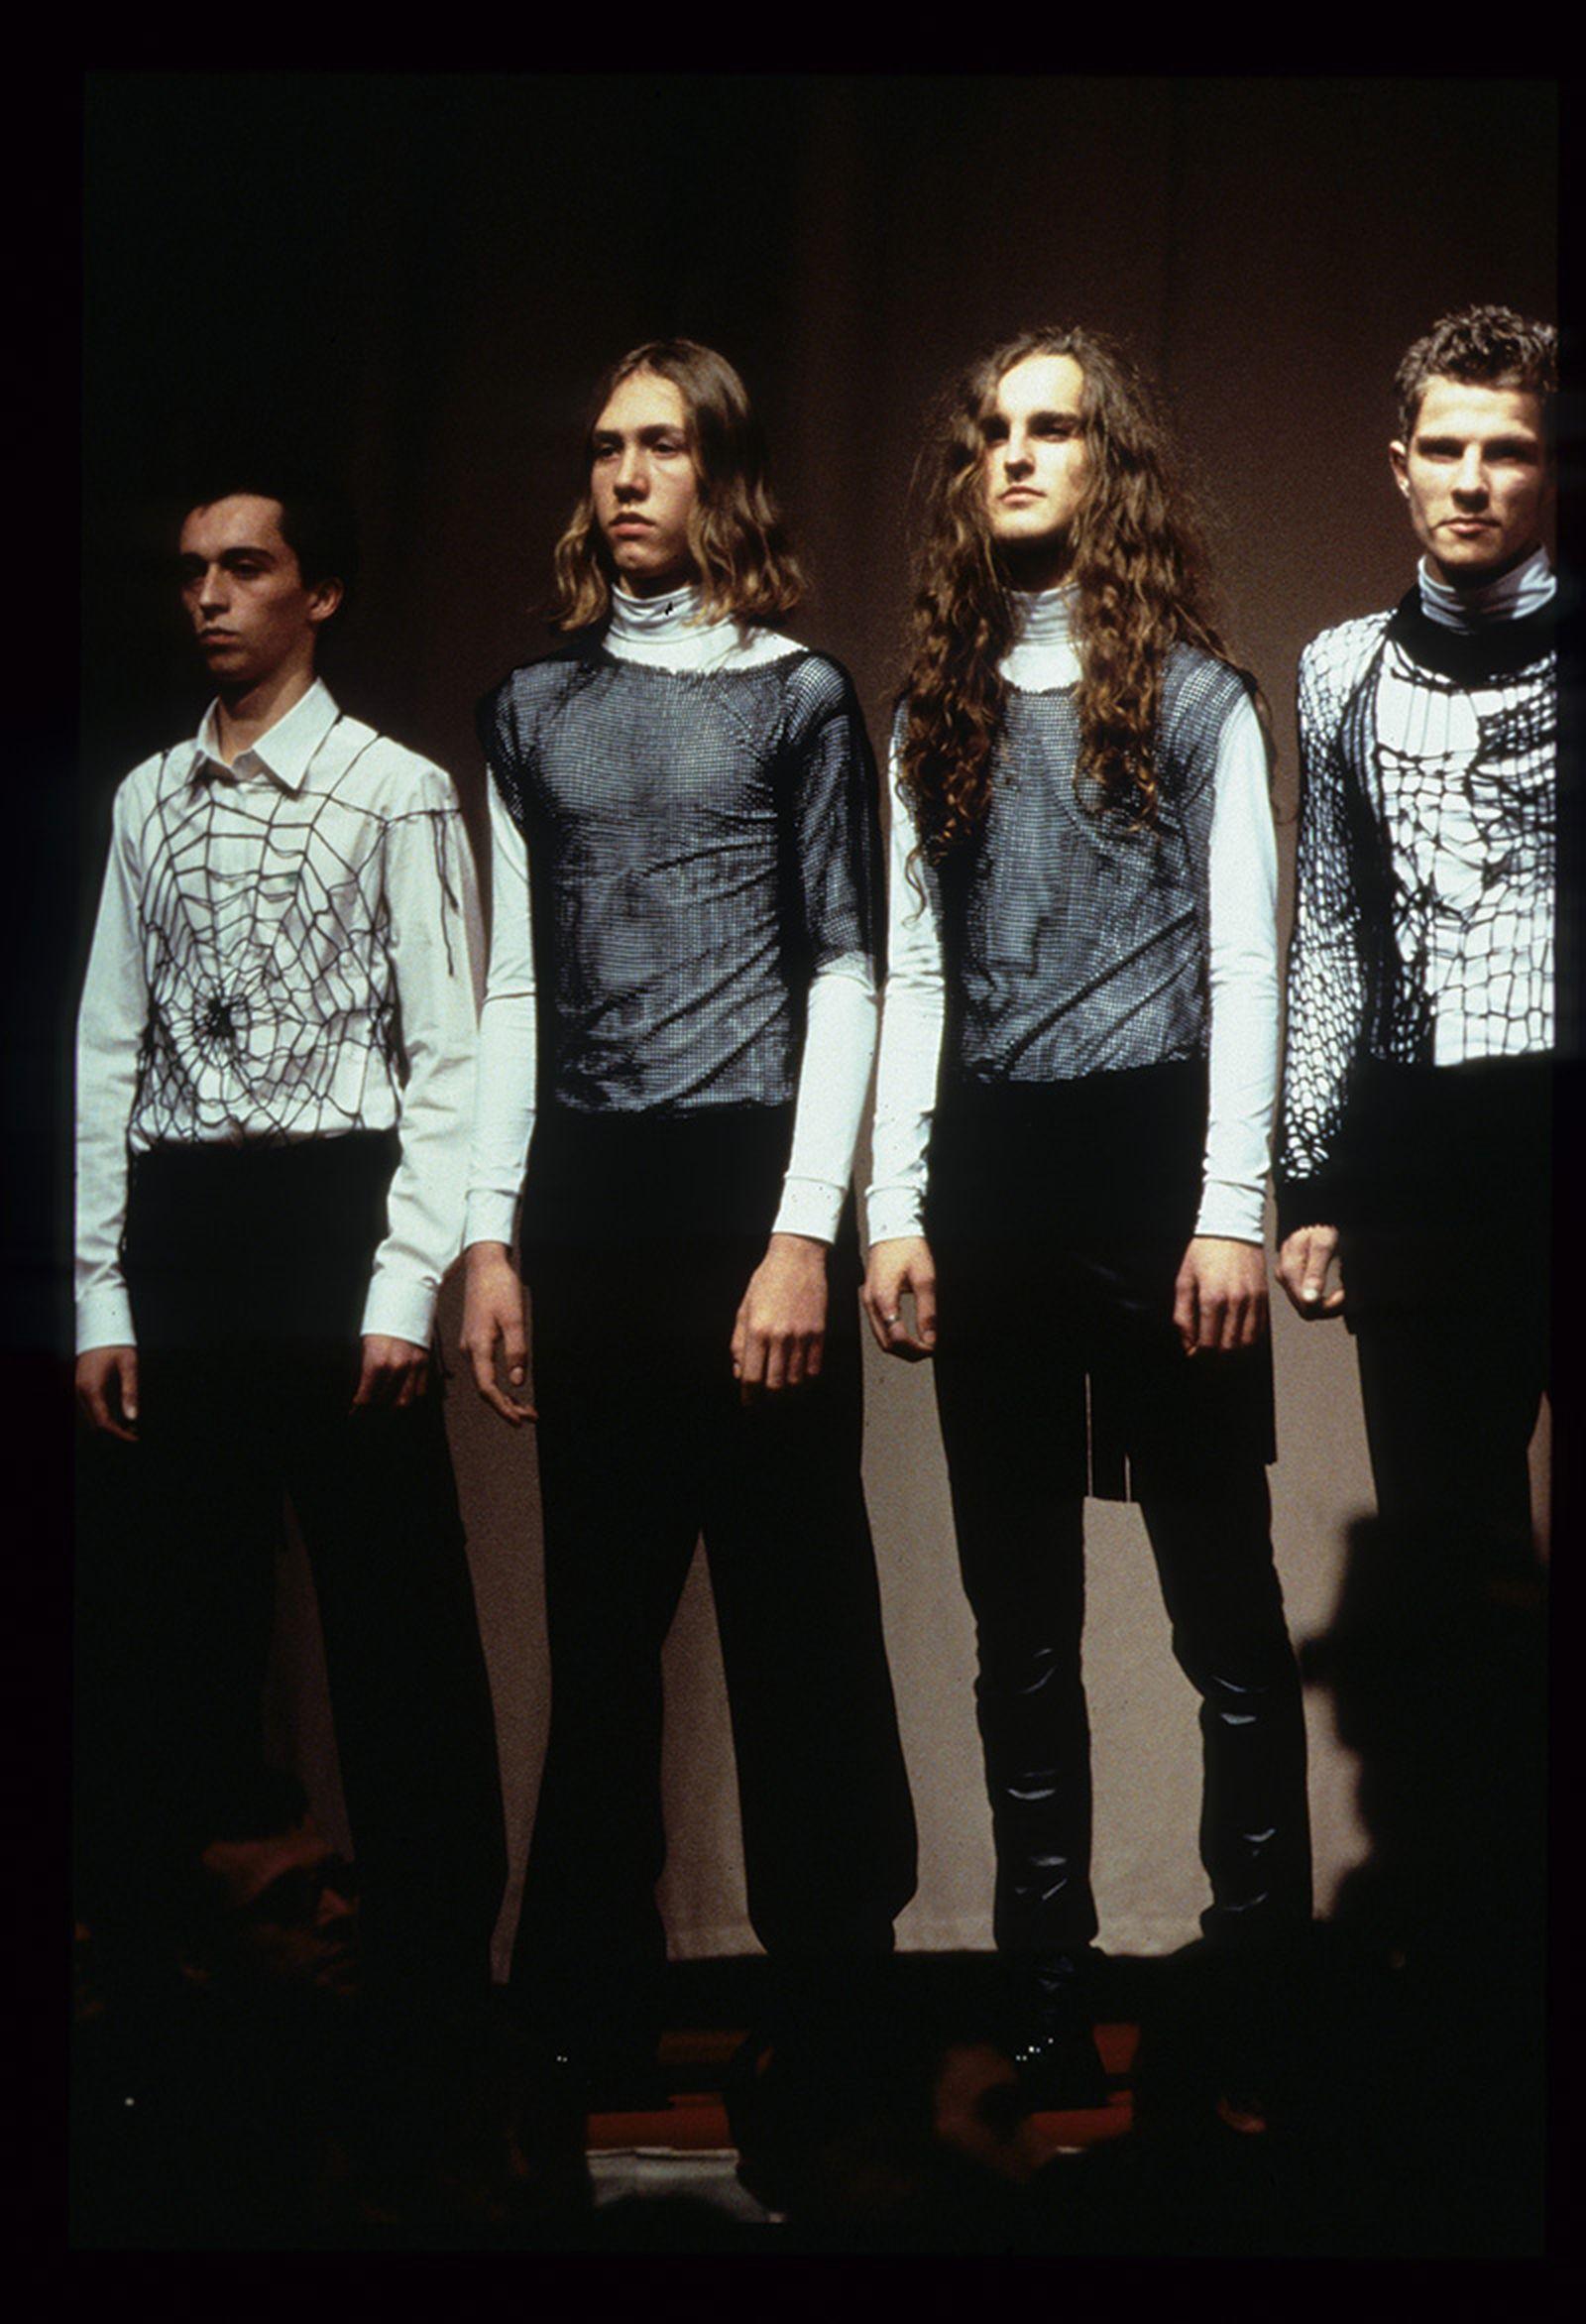 the-12-fashion-shows-that-changed-mens-fashion-raf-simons-aw98-04